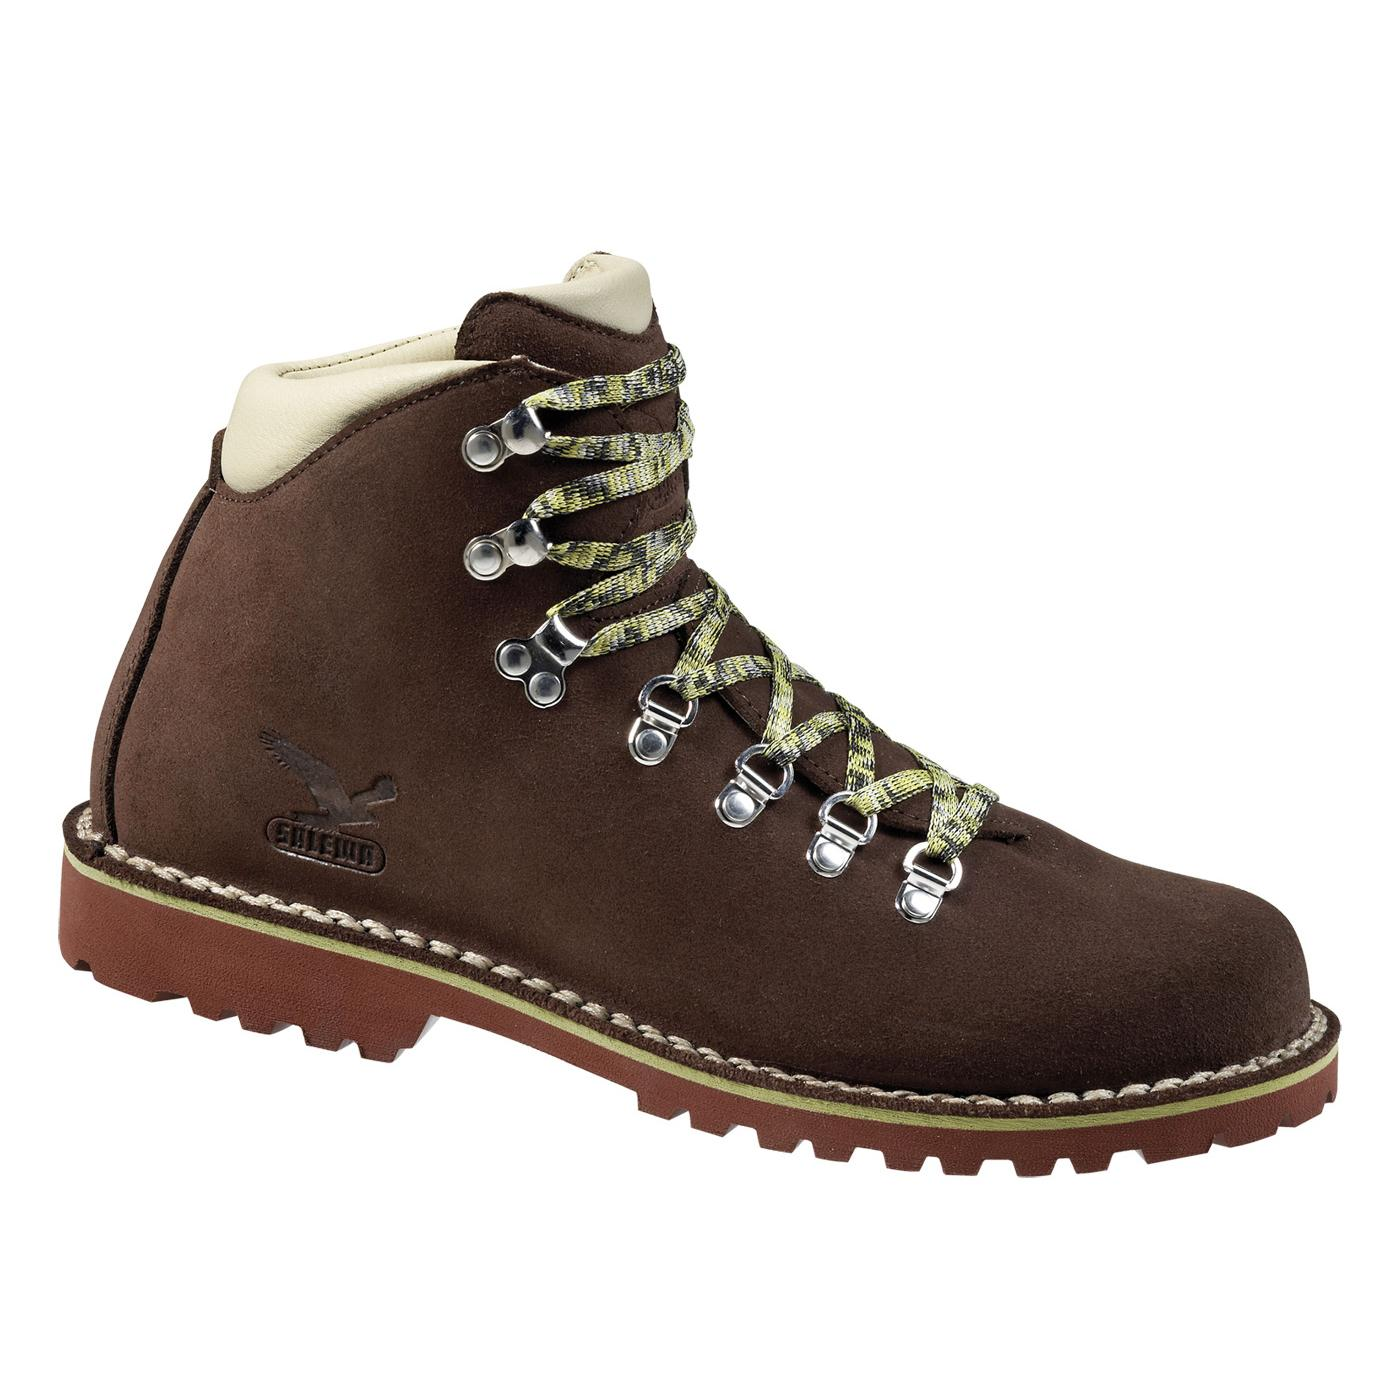 Купить Ботинки городские (высокие) Salewa Alpine Life MS ORIGINAL Brown Обувь для города 1090405